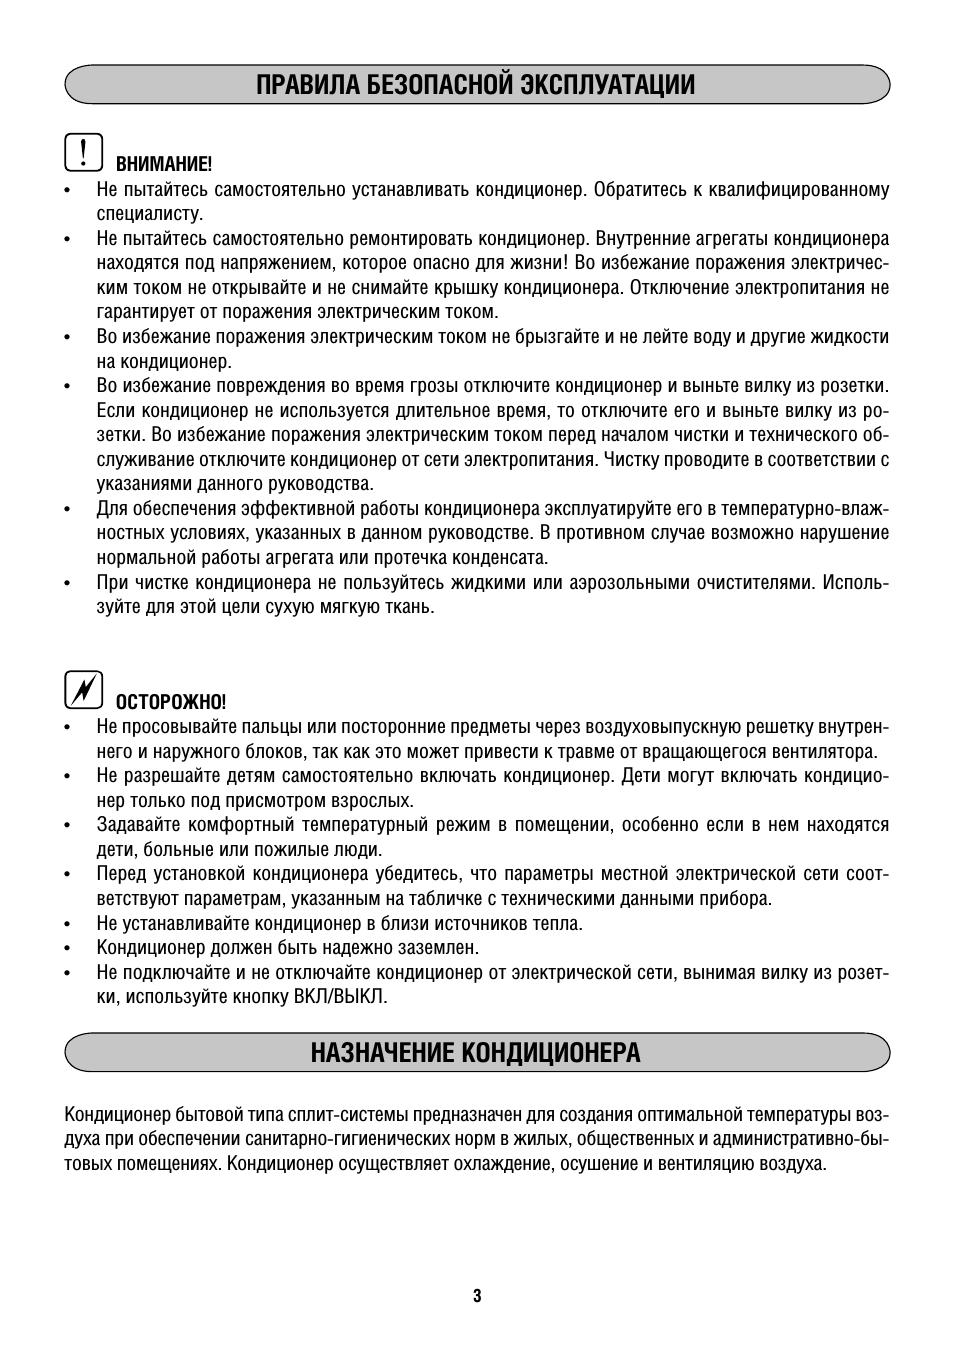 Правила безопасной эксплуатации, Назначение кондиционера